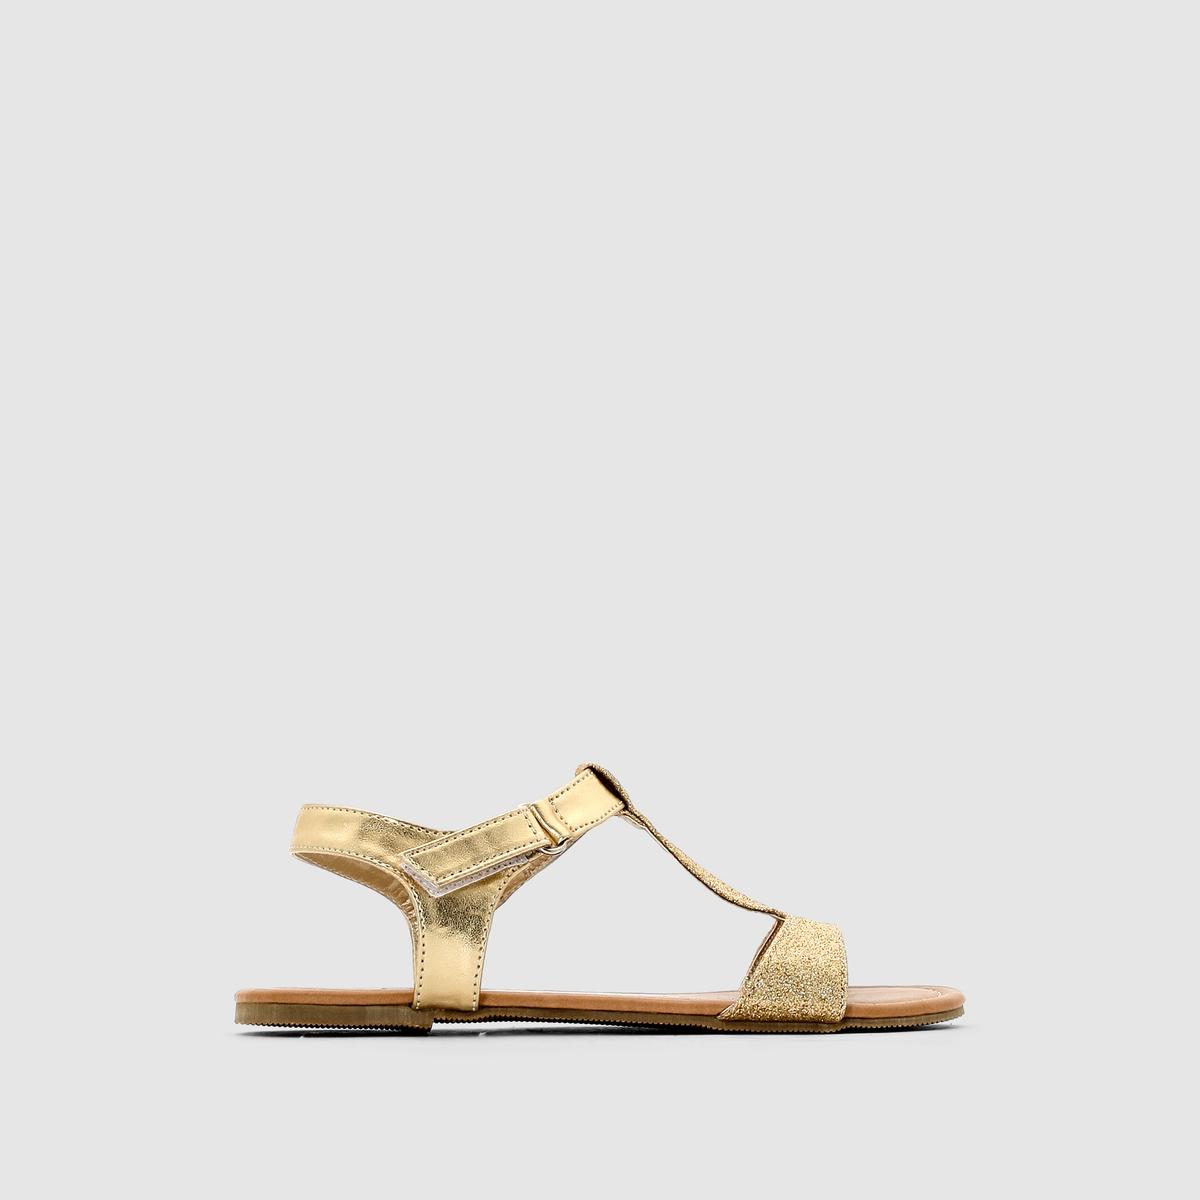 Сандалии на плоском каблуке, размеры 26-39 сапоги кожаные на плоском каблуке 1137